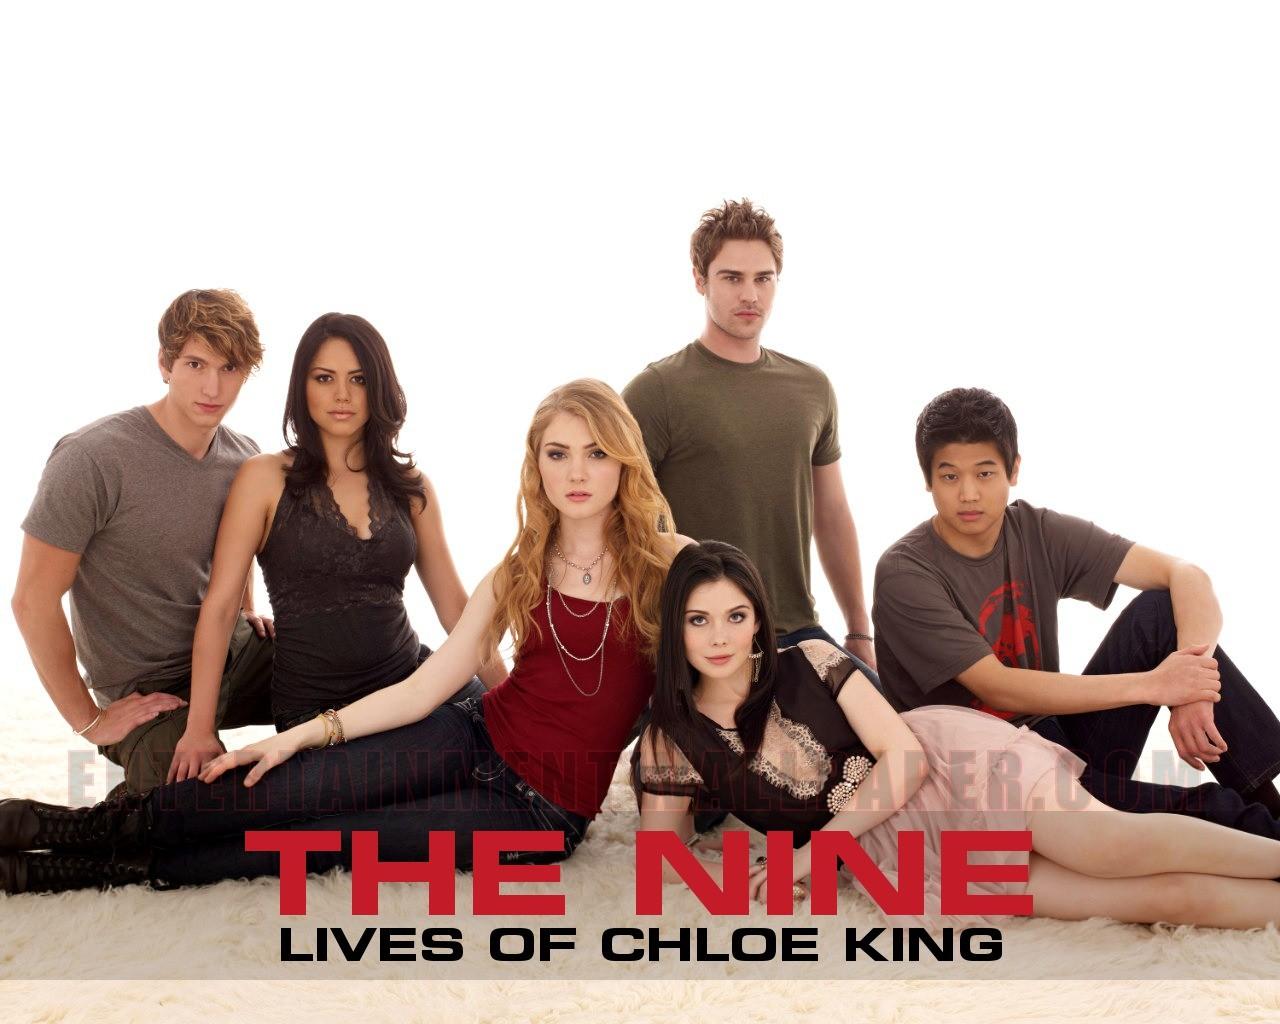 The Nine Lives of Chloe King Season 1 - PSP Mafia